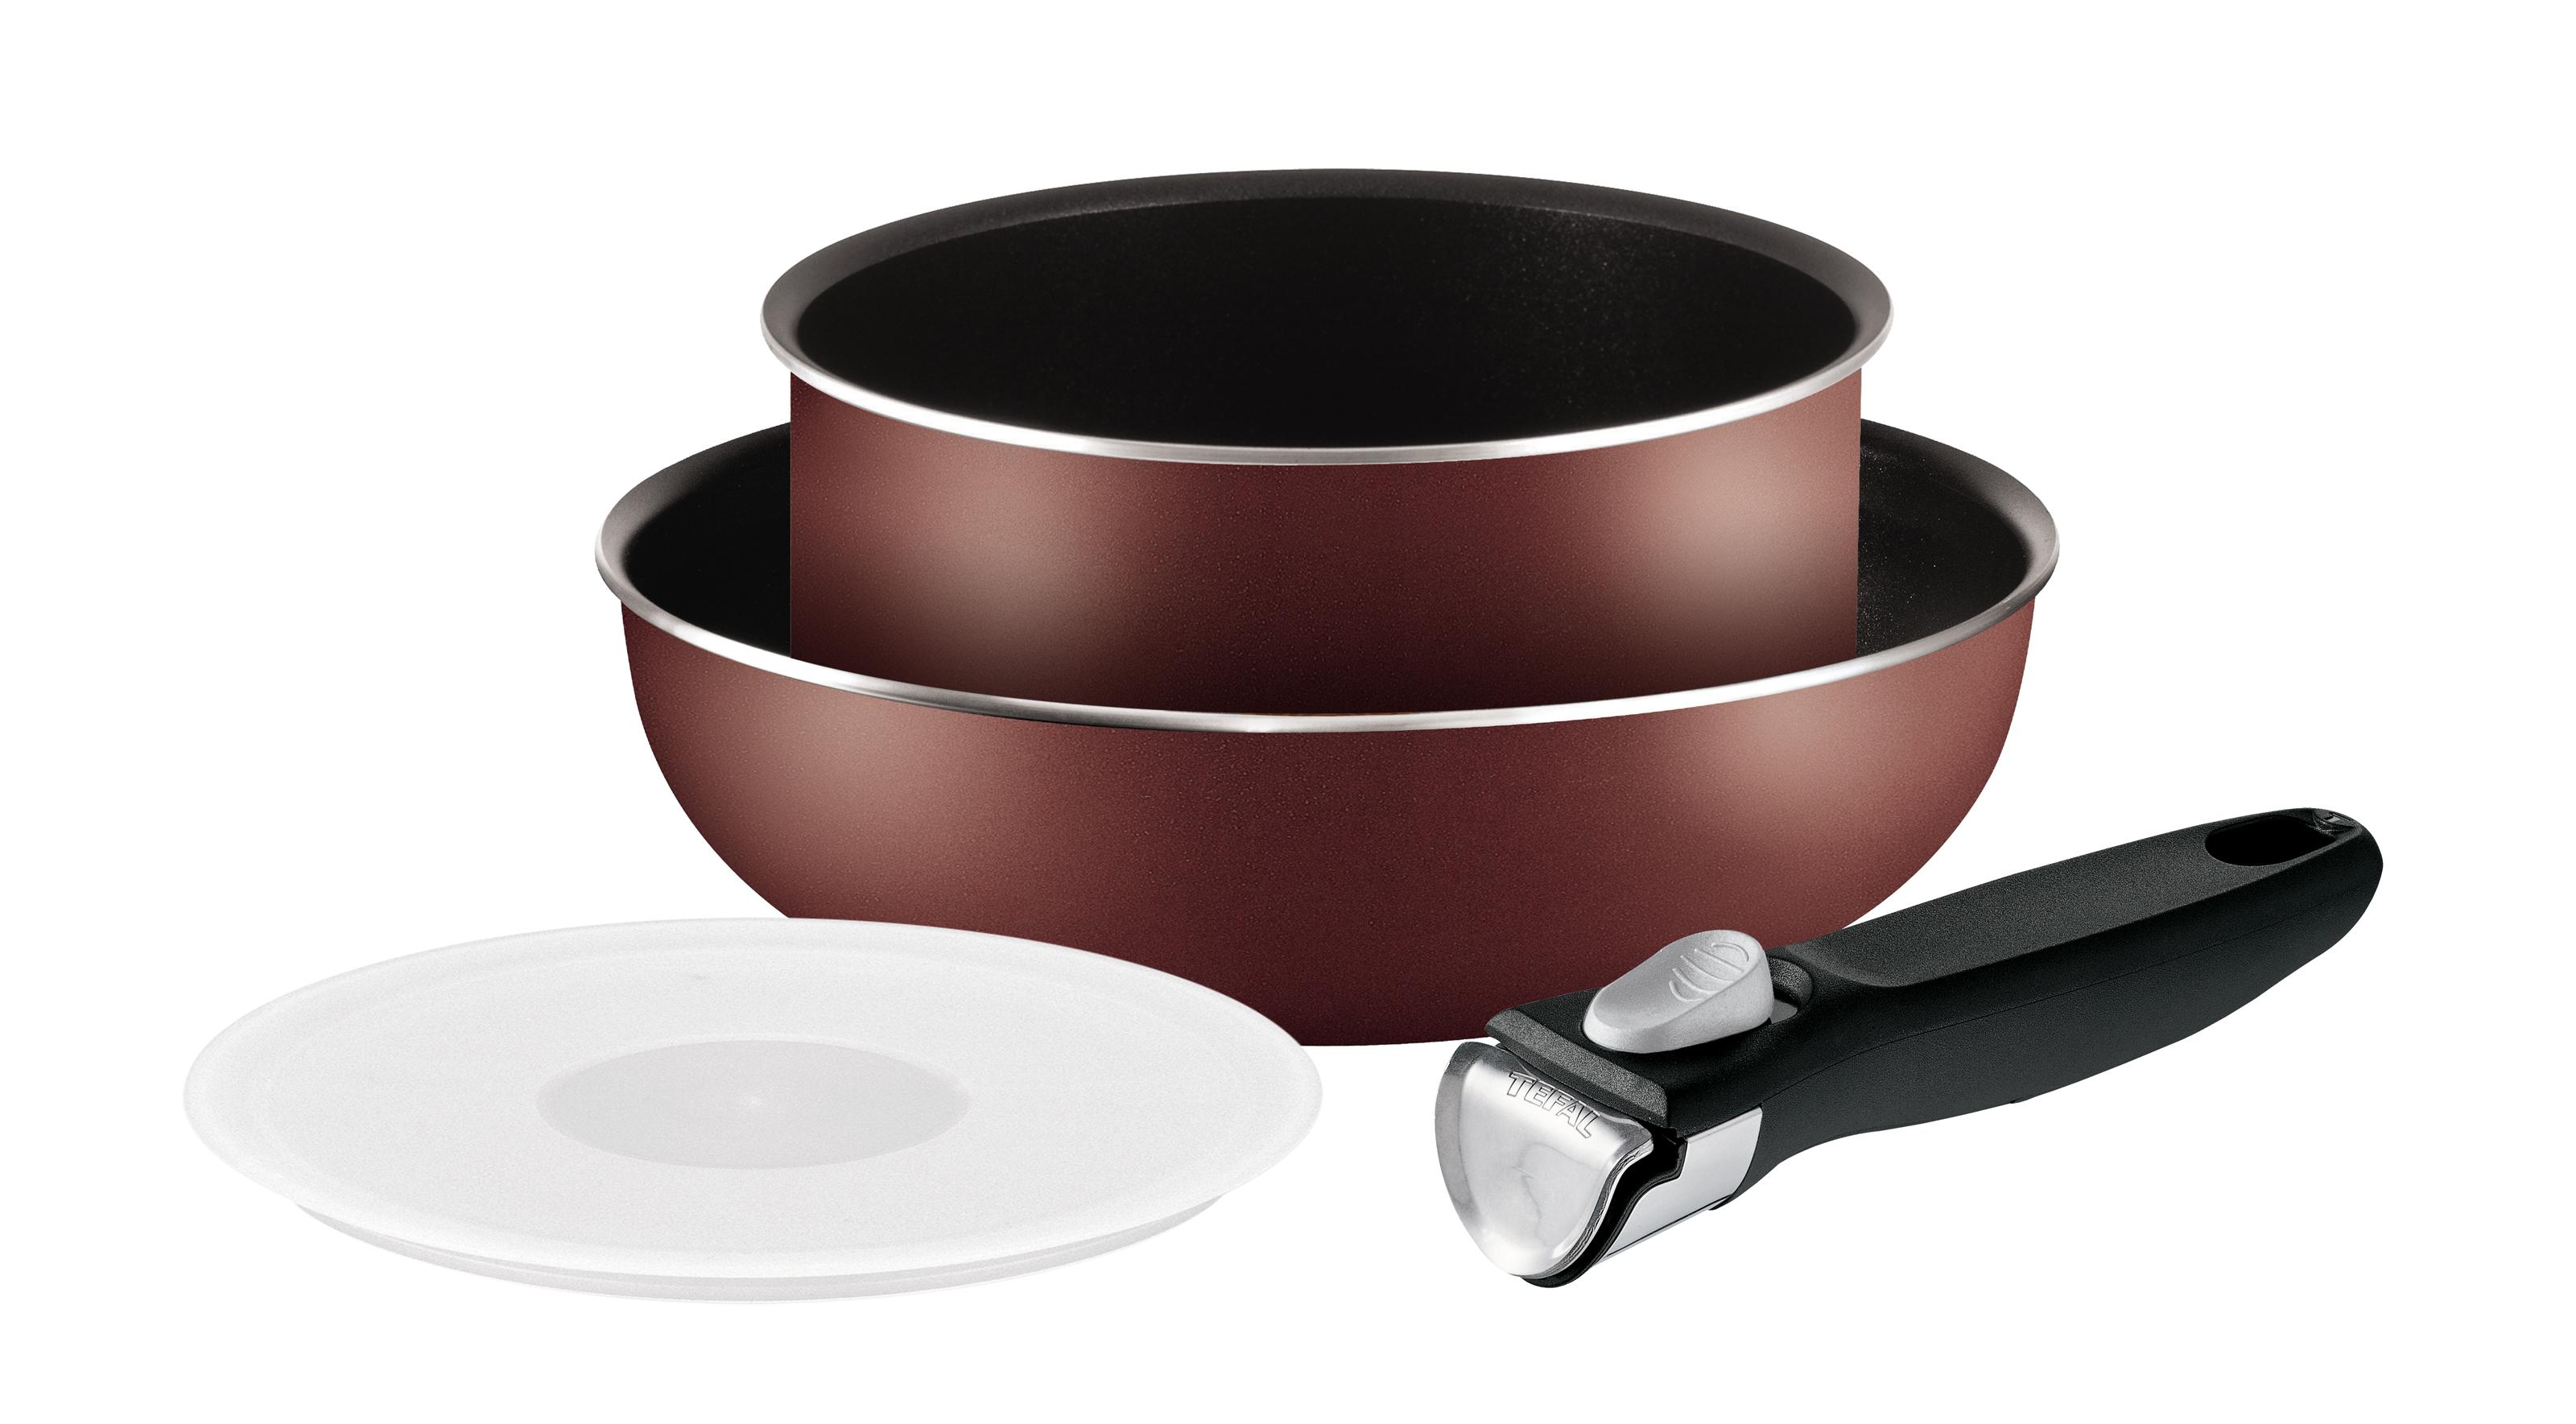 """Набор посуды Tefal """"Ingenio"""", с антипригарным покрытием, цвет: бордовый, 3 предмета. 4162830"""